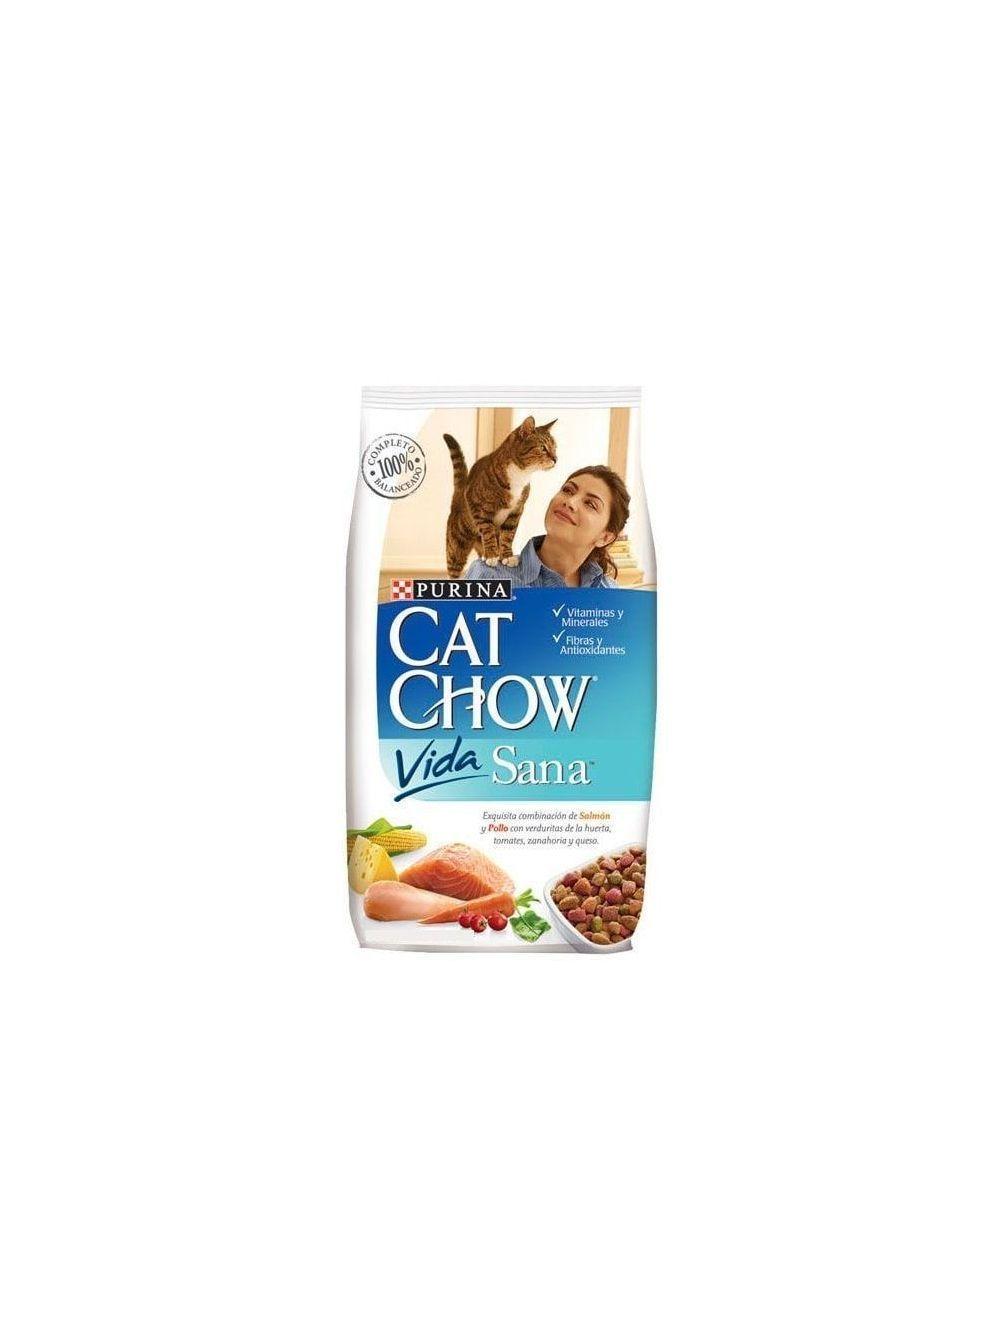 Cat Chow Vida Sana 1,3 Kg